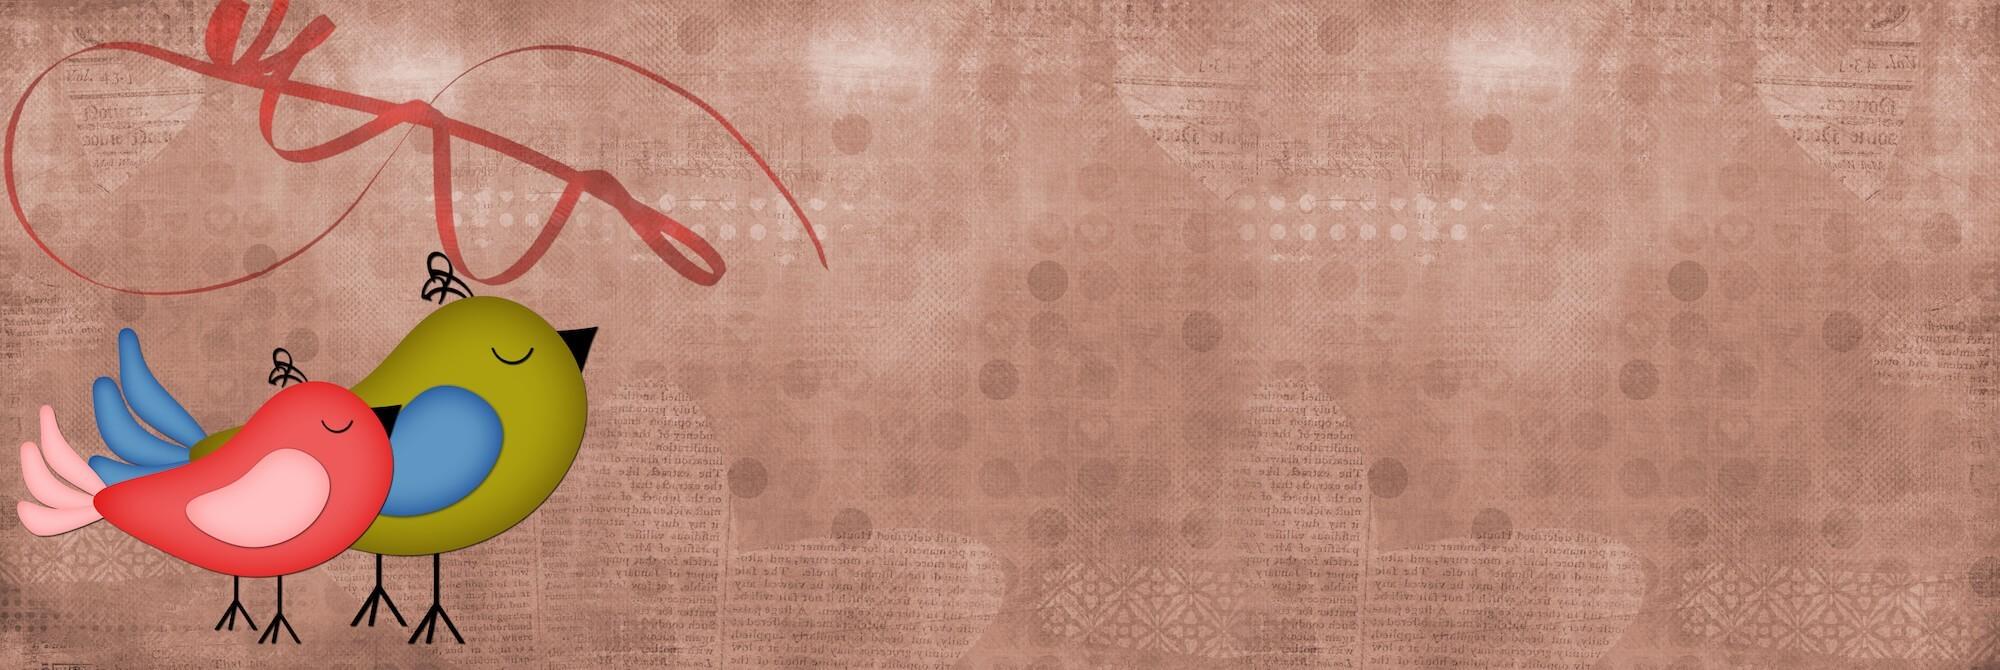 Горизонтальный выпускной фотоальбом для дс